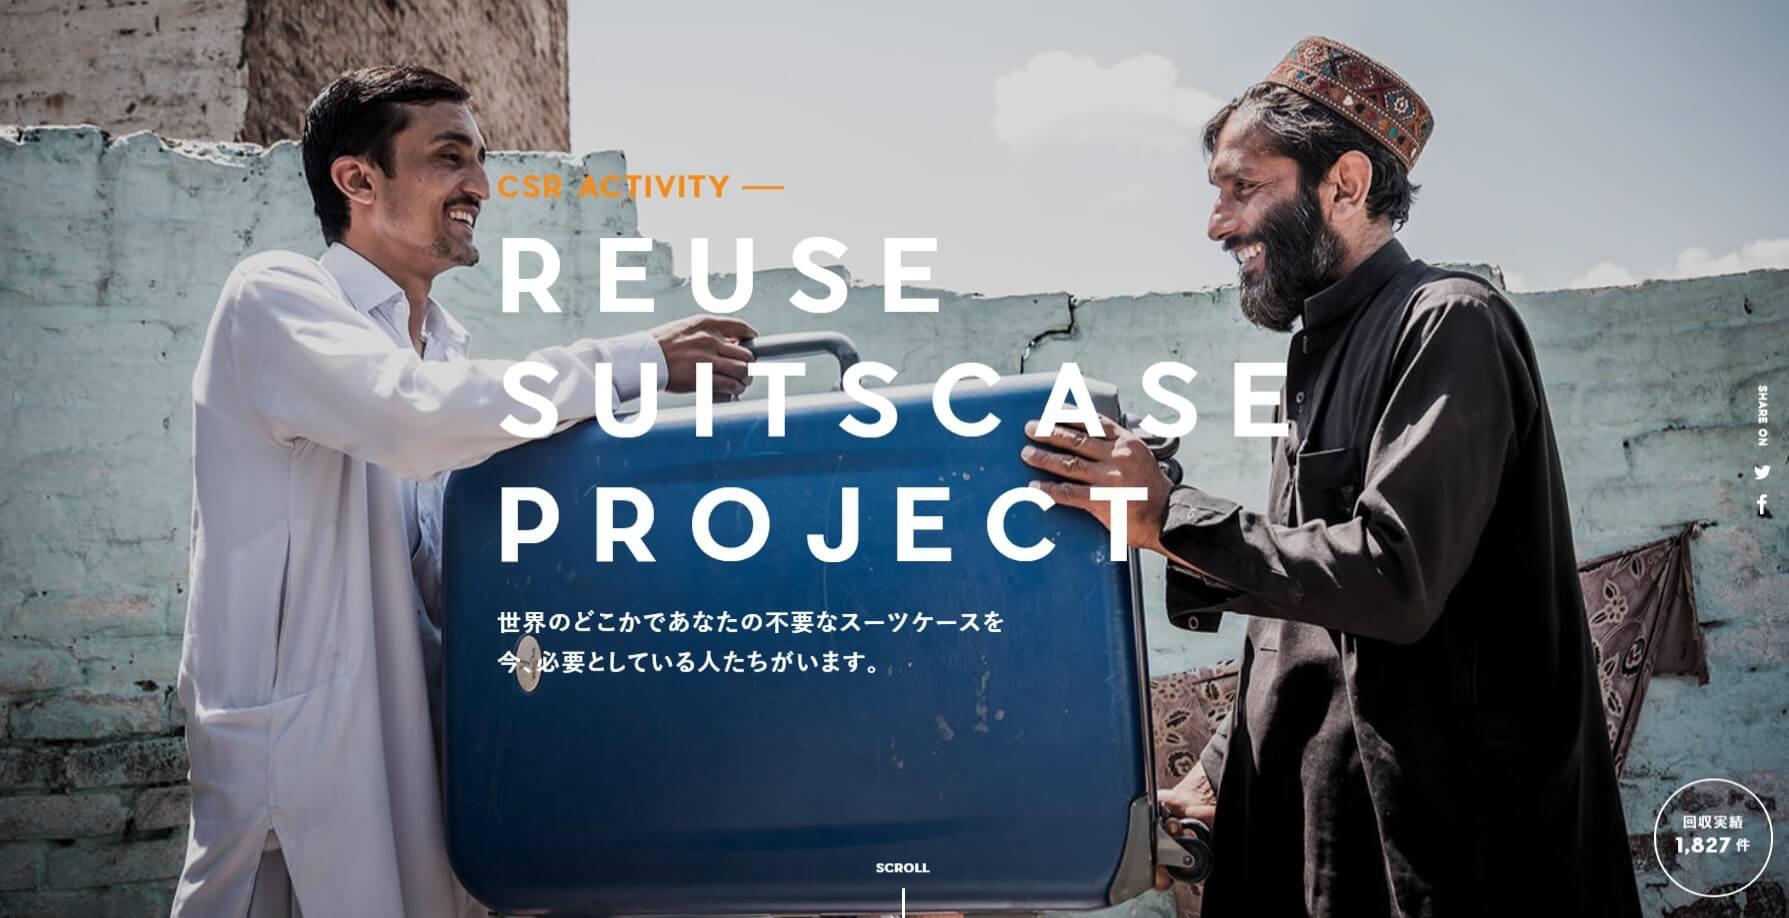 リユーススーツケースプロジェクト。 笑顔の二人の外国人男性。 一方の男性から使い込まれたスーツケースが手渡される。